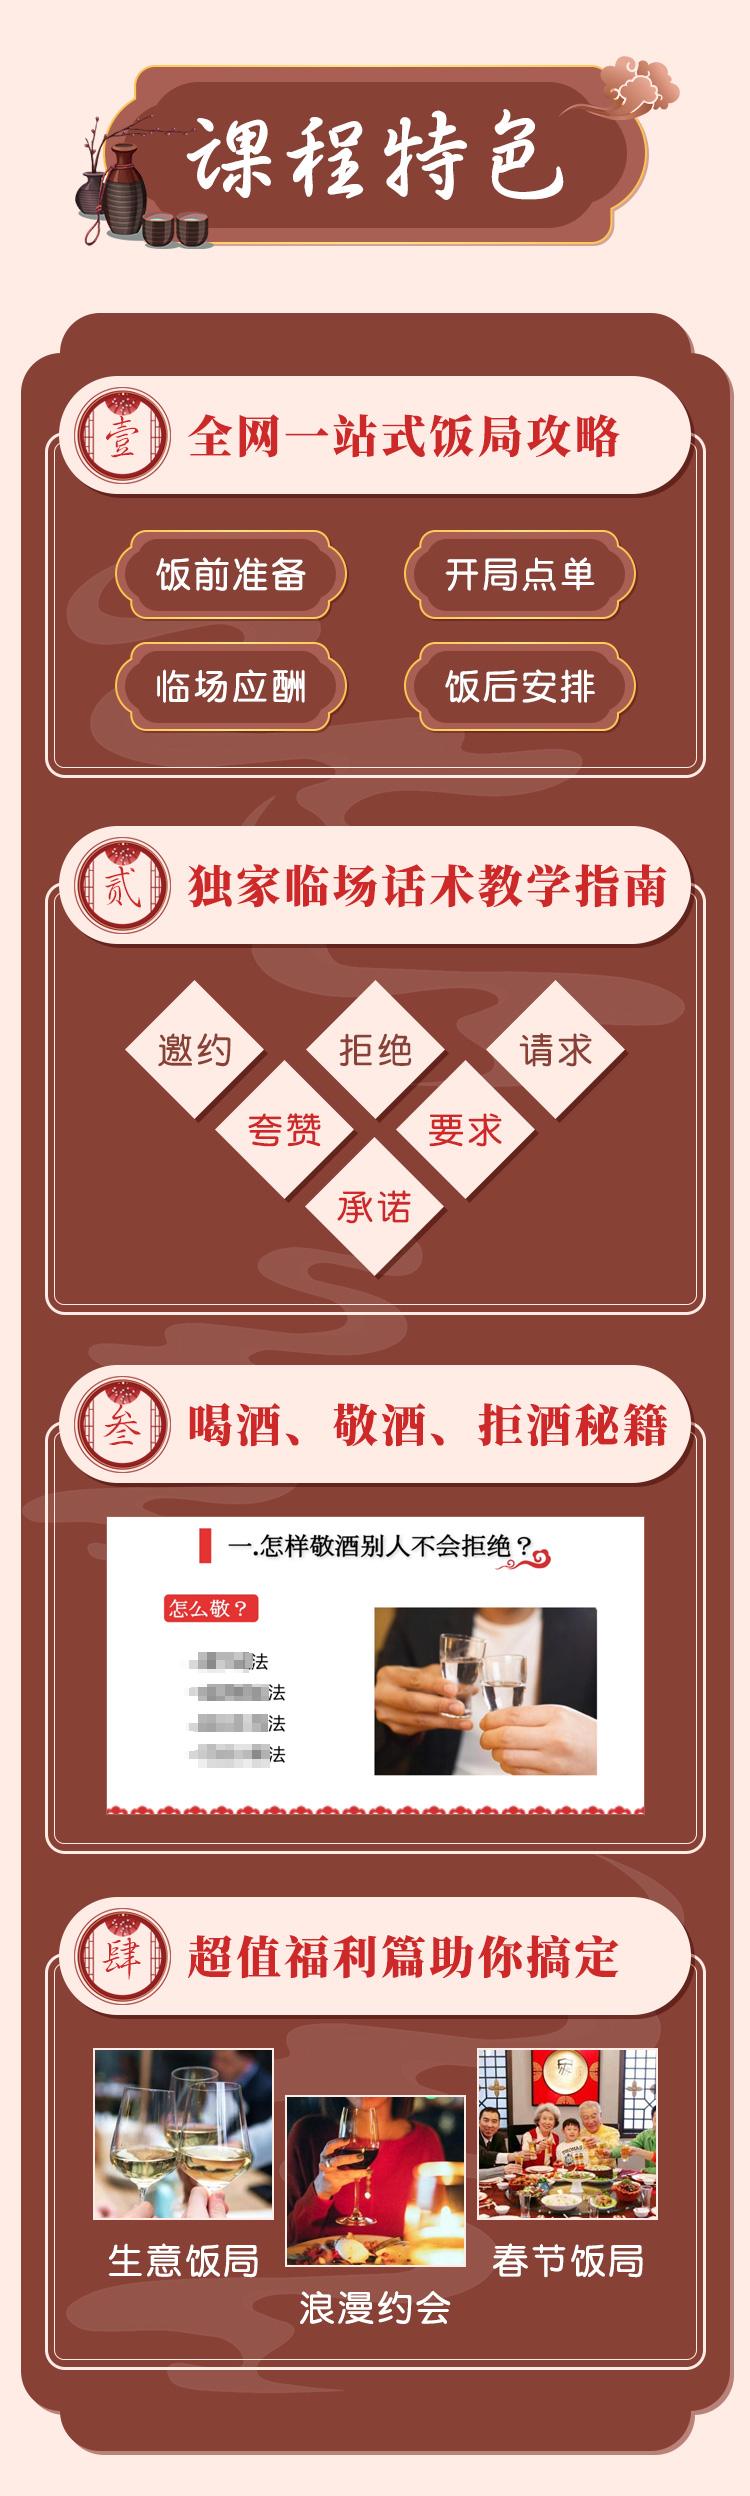 饭局社交全攻略:21节课快速精通中国式饭局潜规则